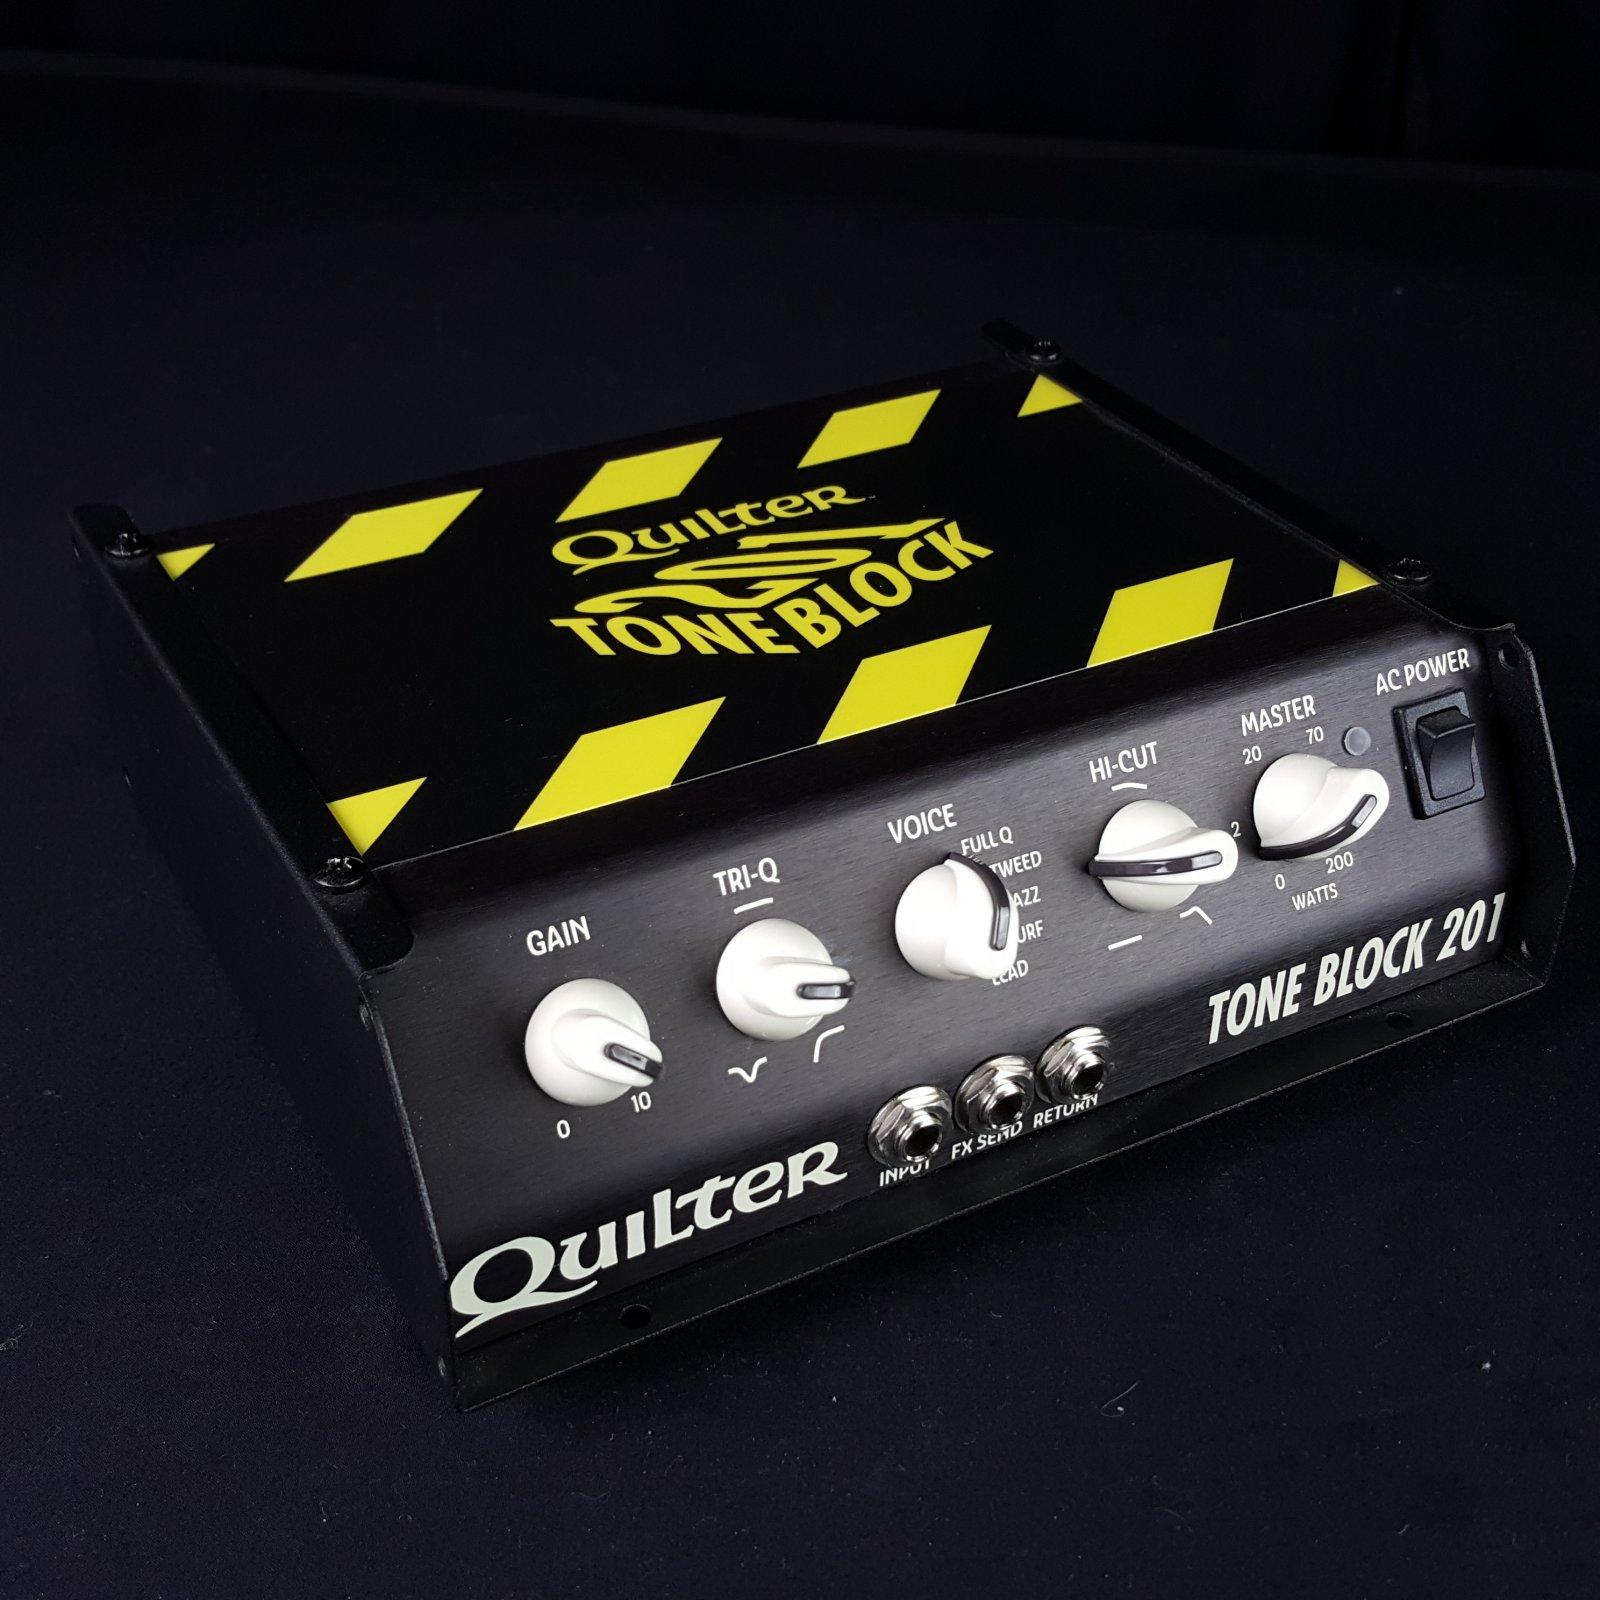 Quilter Tone Block 201 Guitar Amplifier Head Floor Model